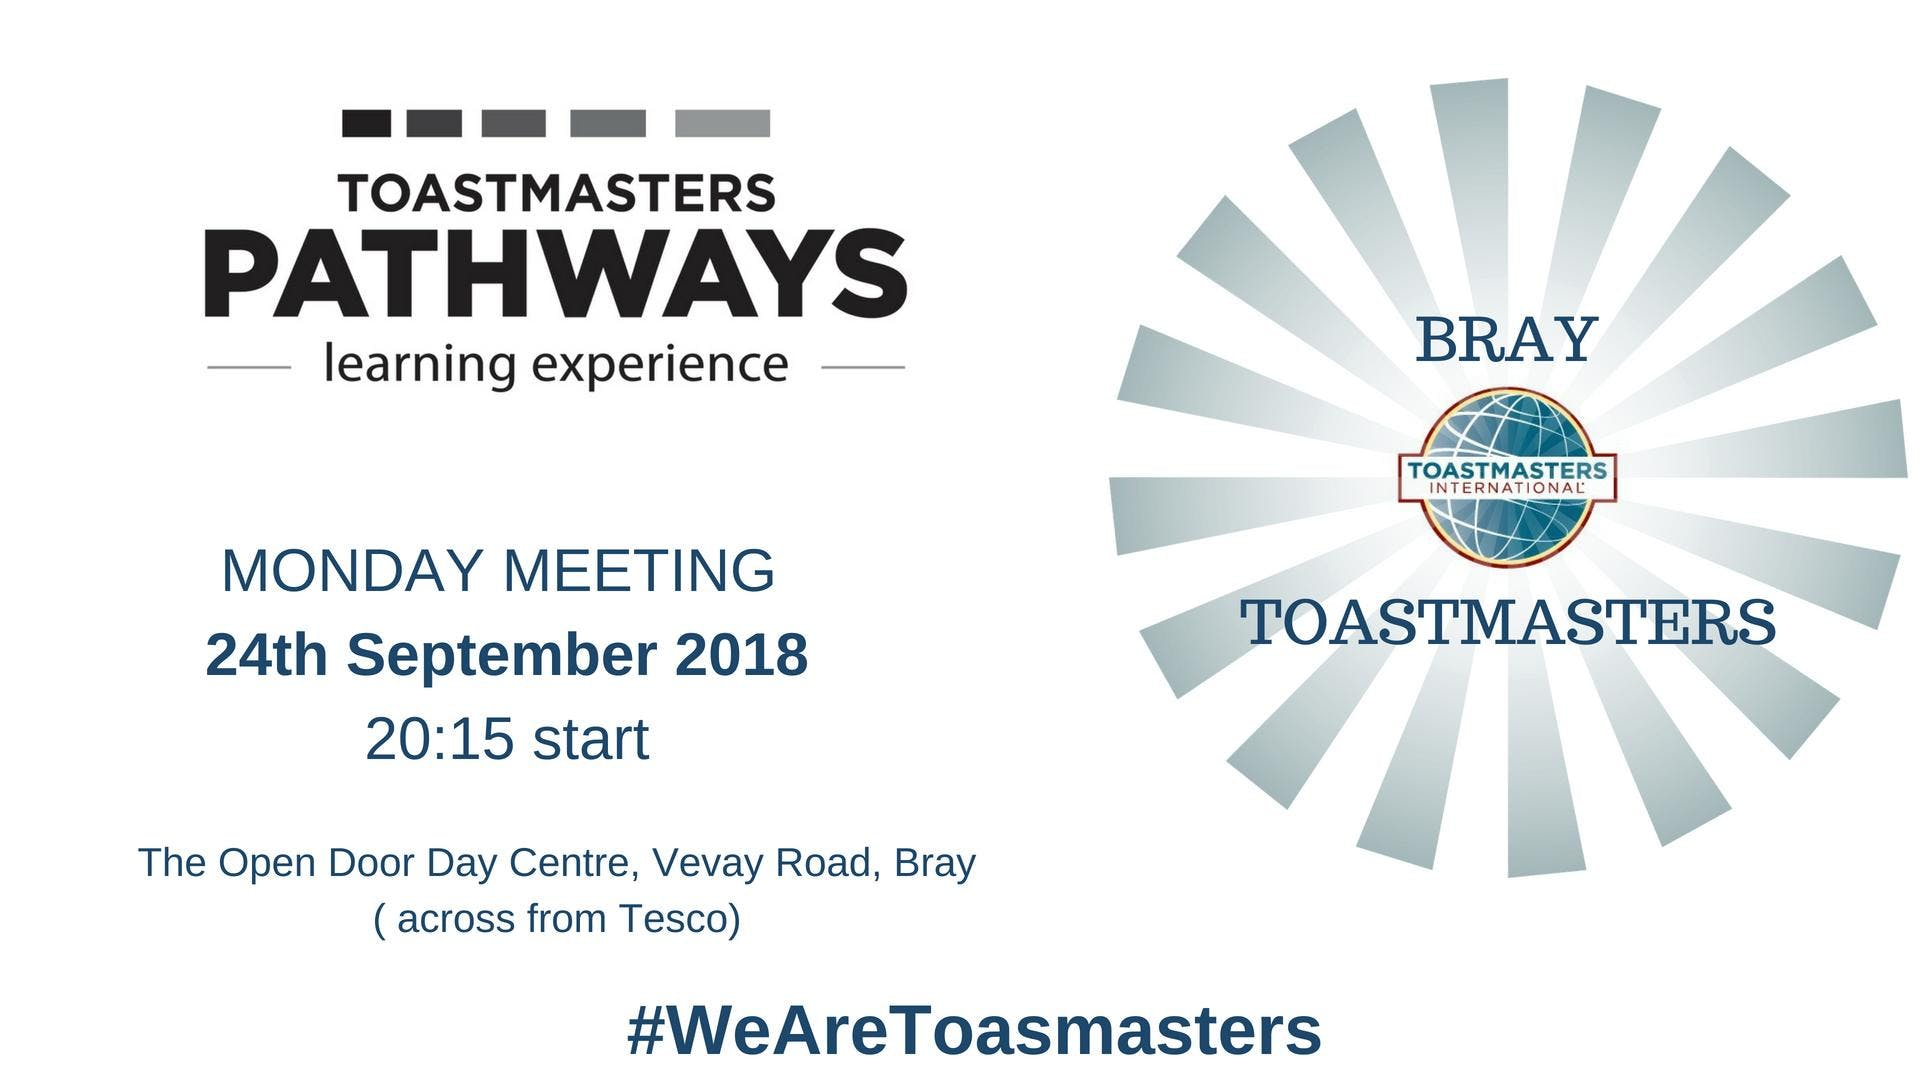 Bray Toastmasters Meeting